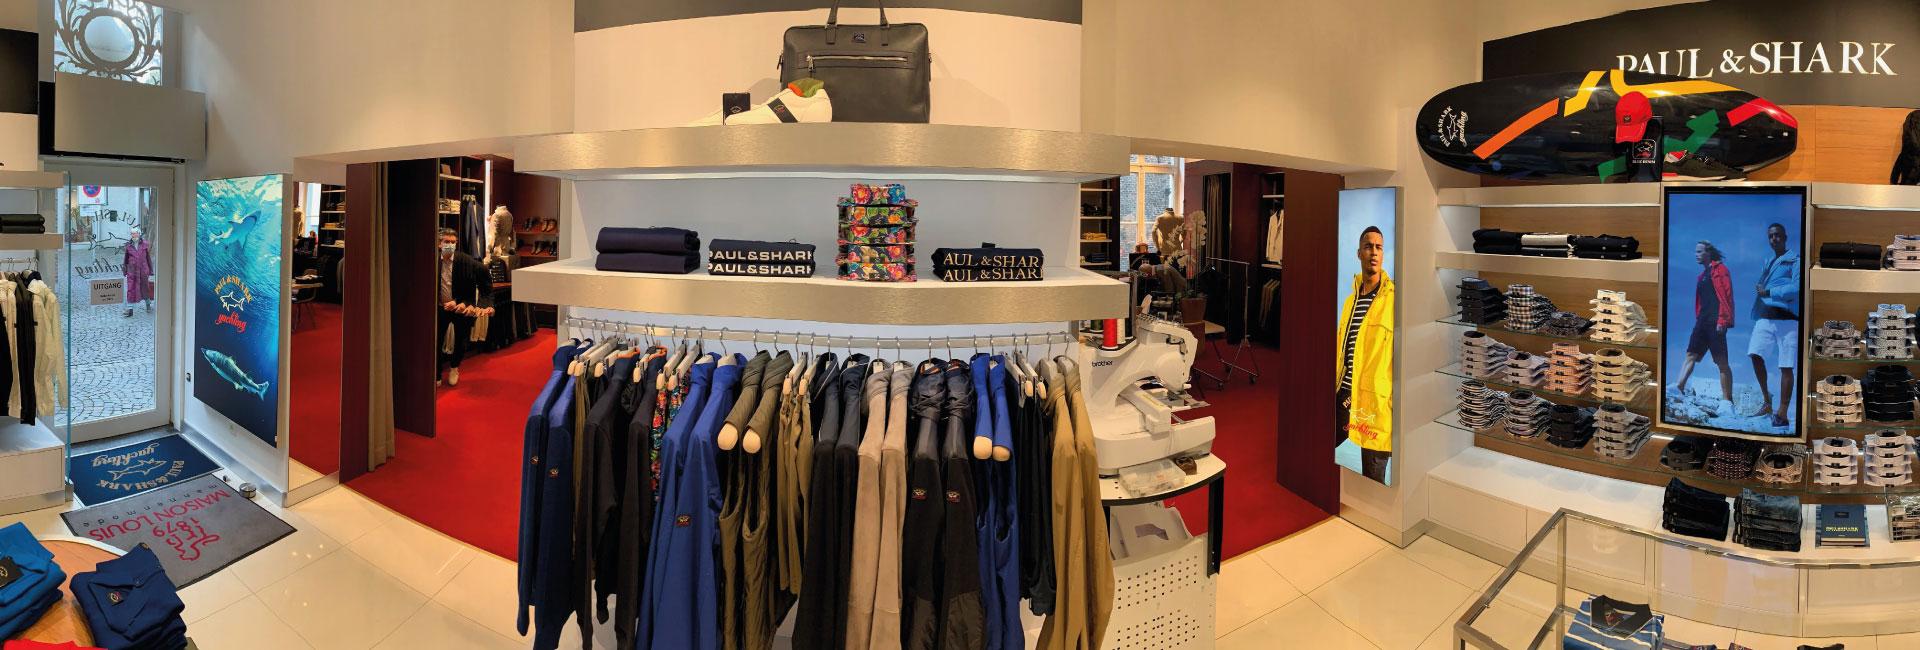 Maison Louis Maastricht Paul and Shark Online Shop